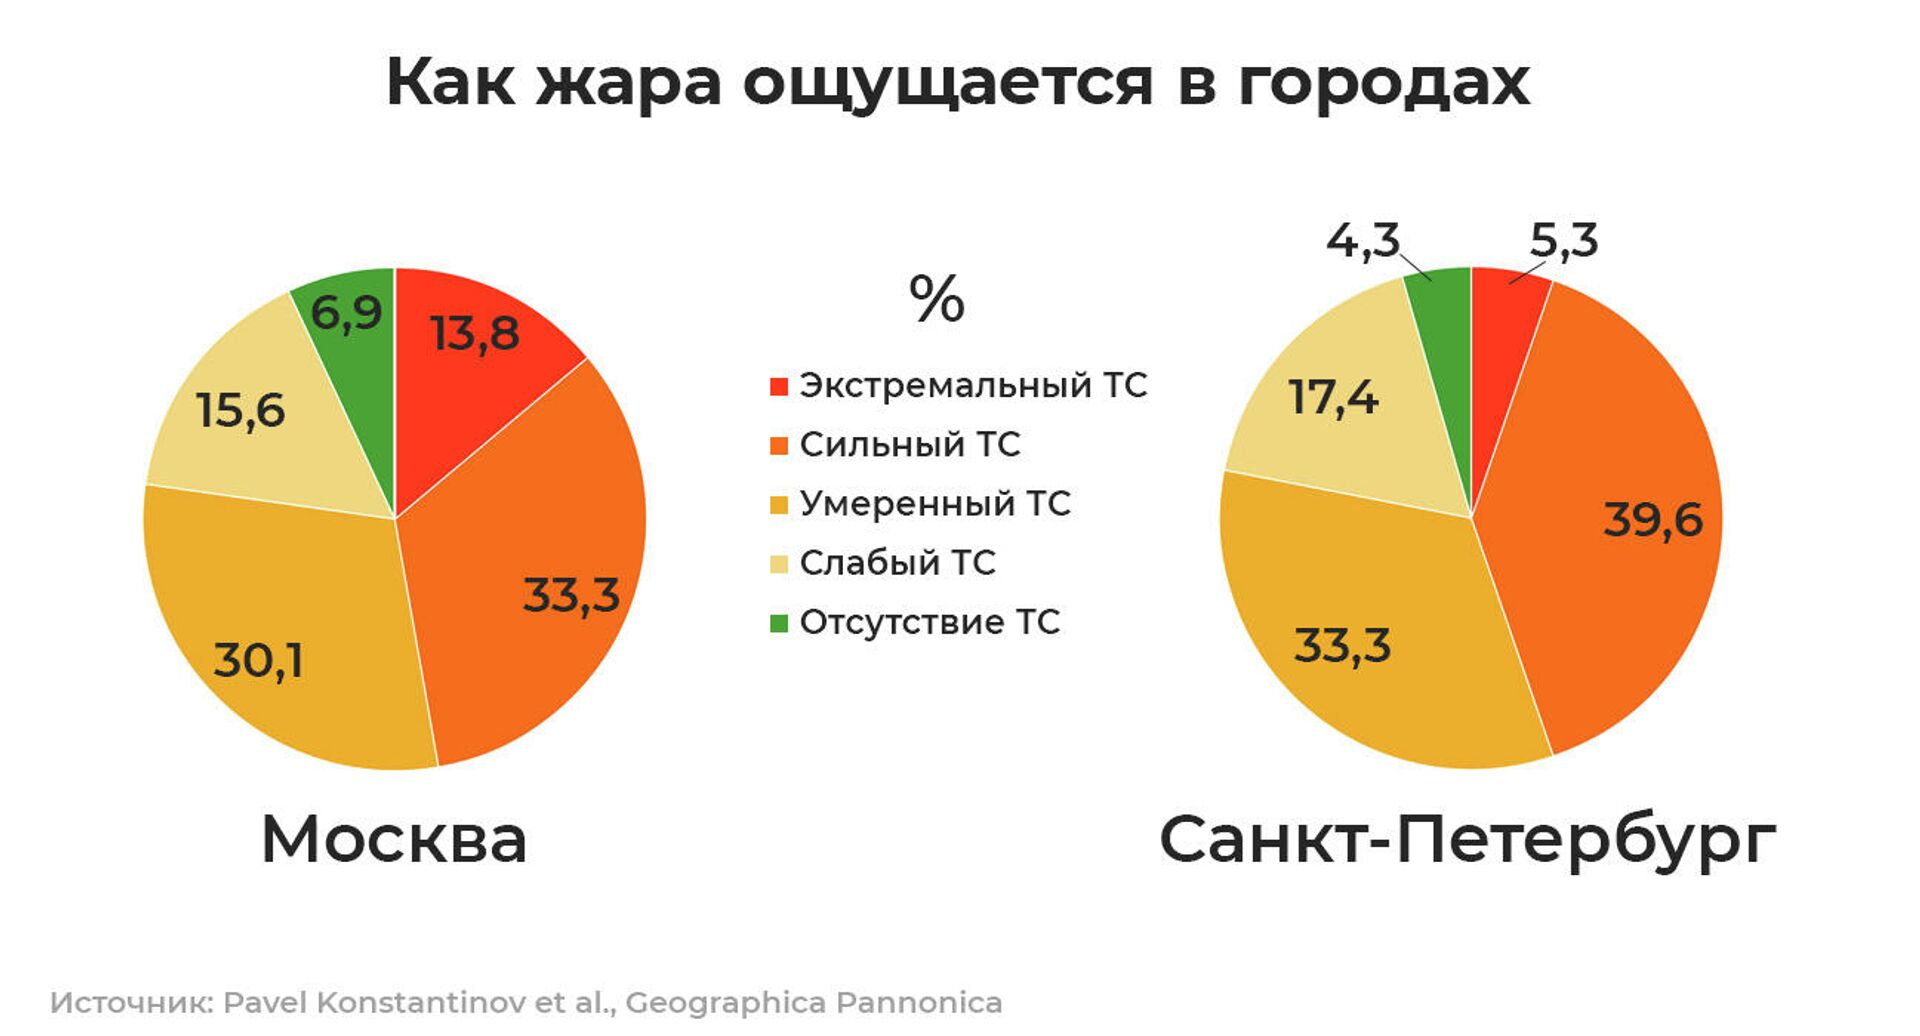 Прогноз на лето. Где в России будет невыносимее всего